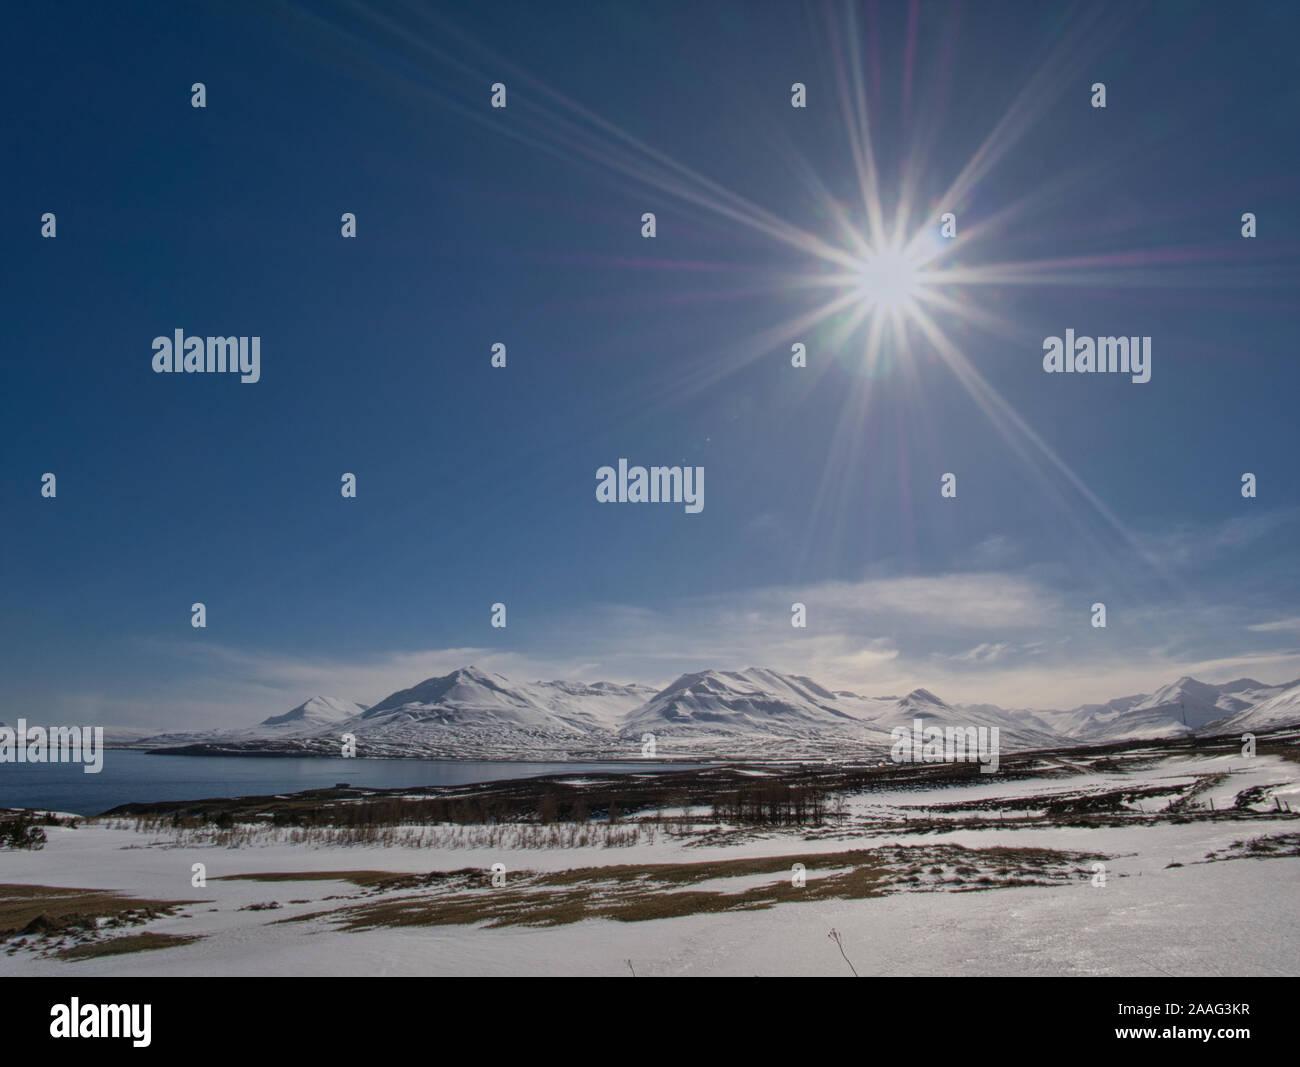 Bajo el sol en Islandia con un hermoso paisaje nevado Foto de stock